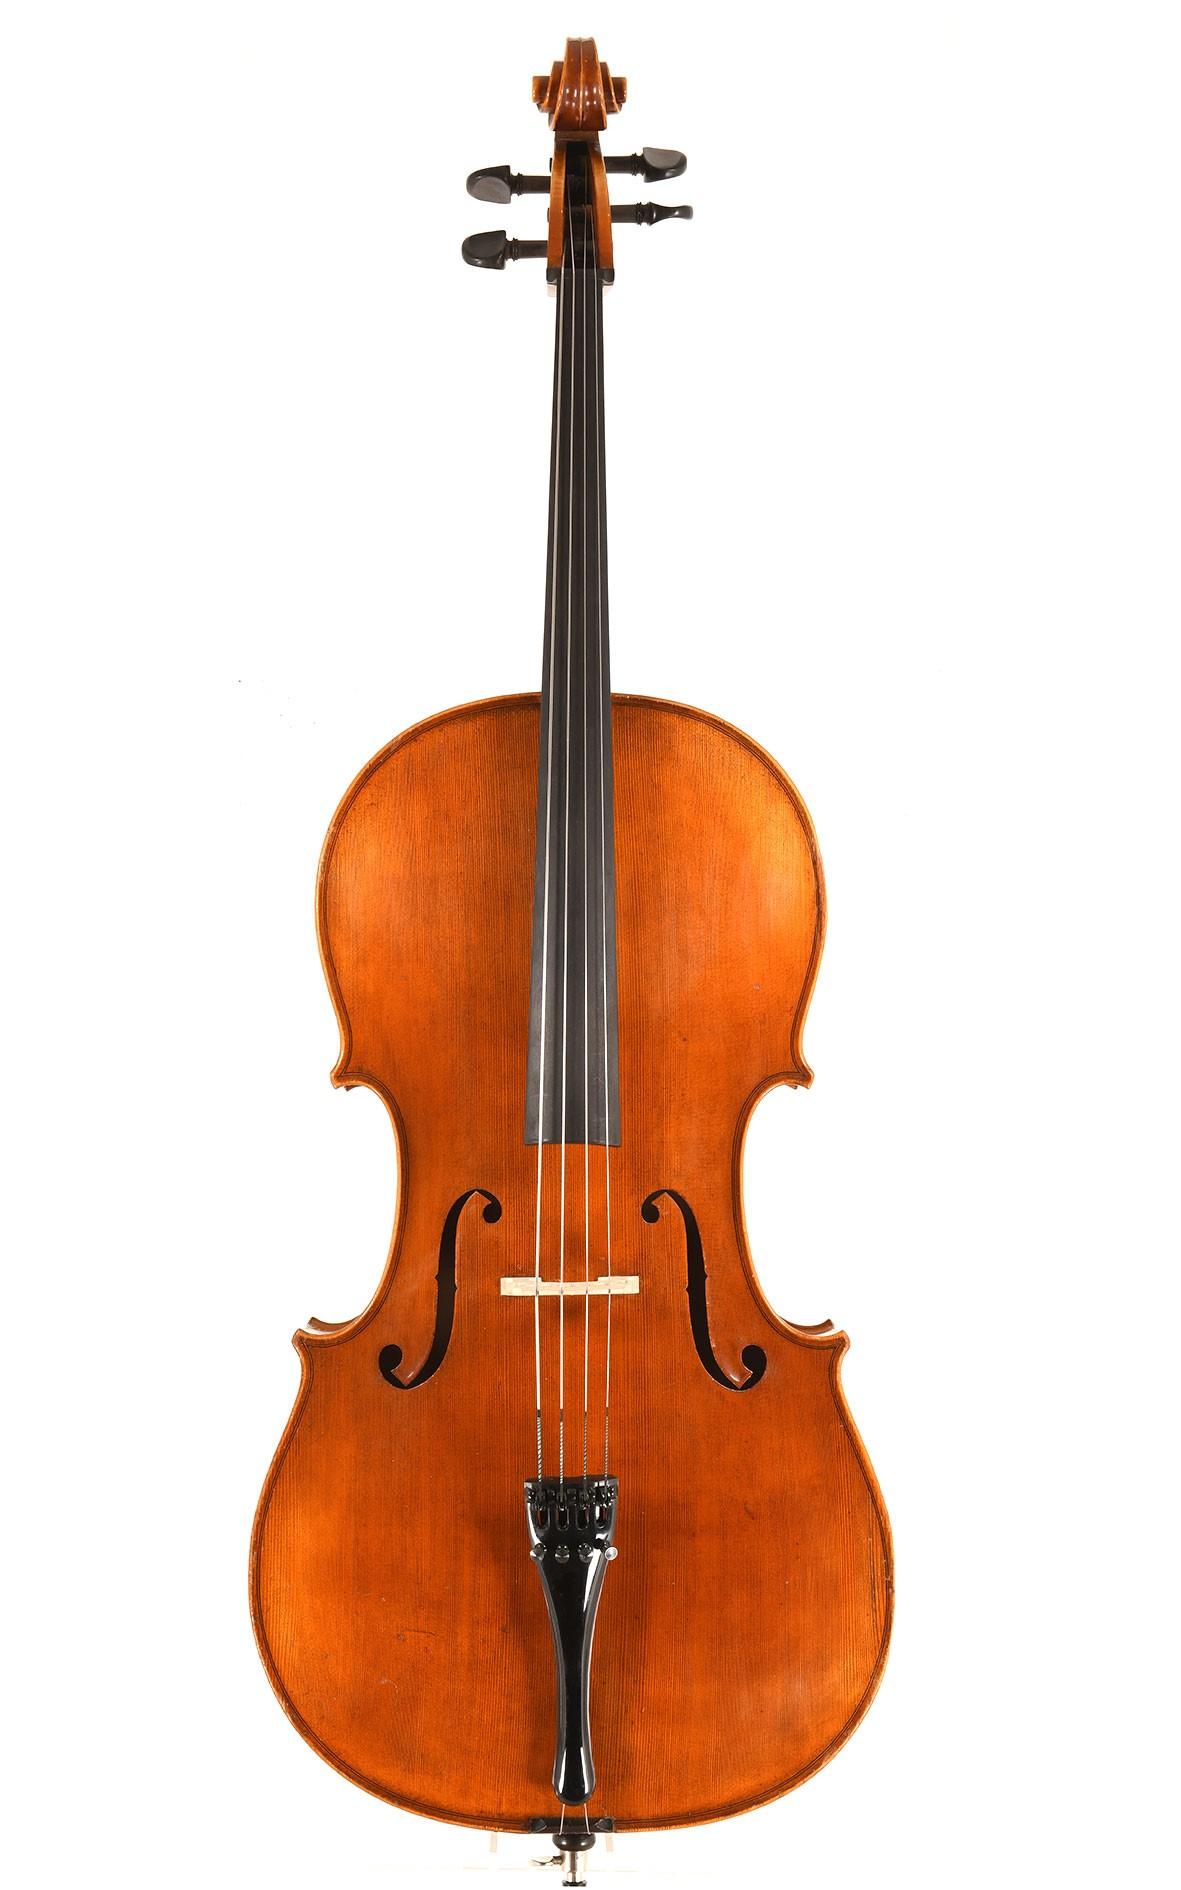 Bubenreuther Cello, Ernst Heinrich Roth oder Framus